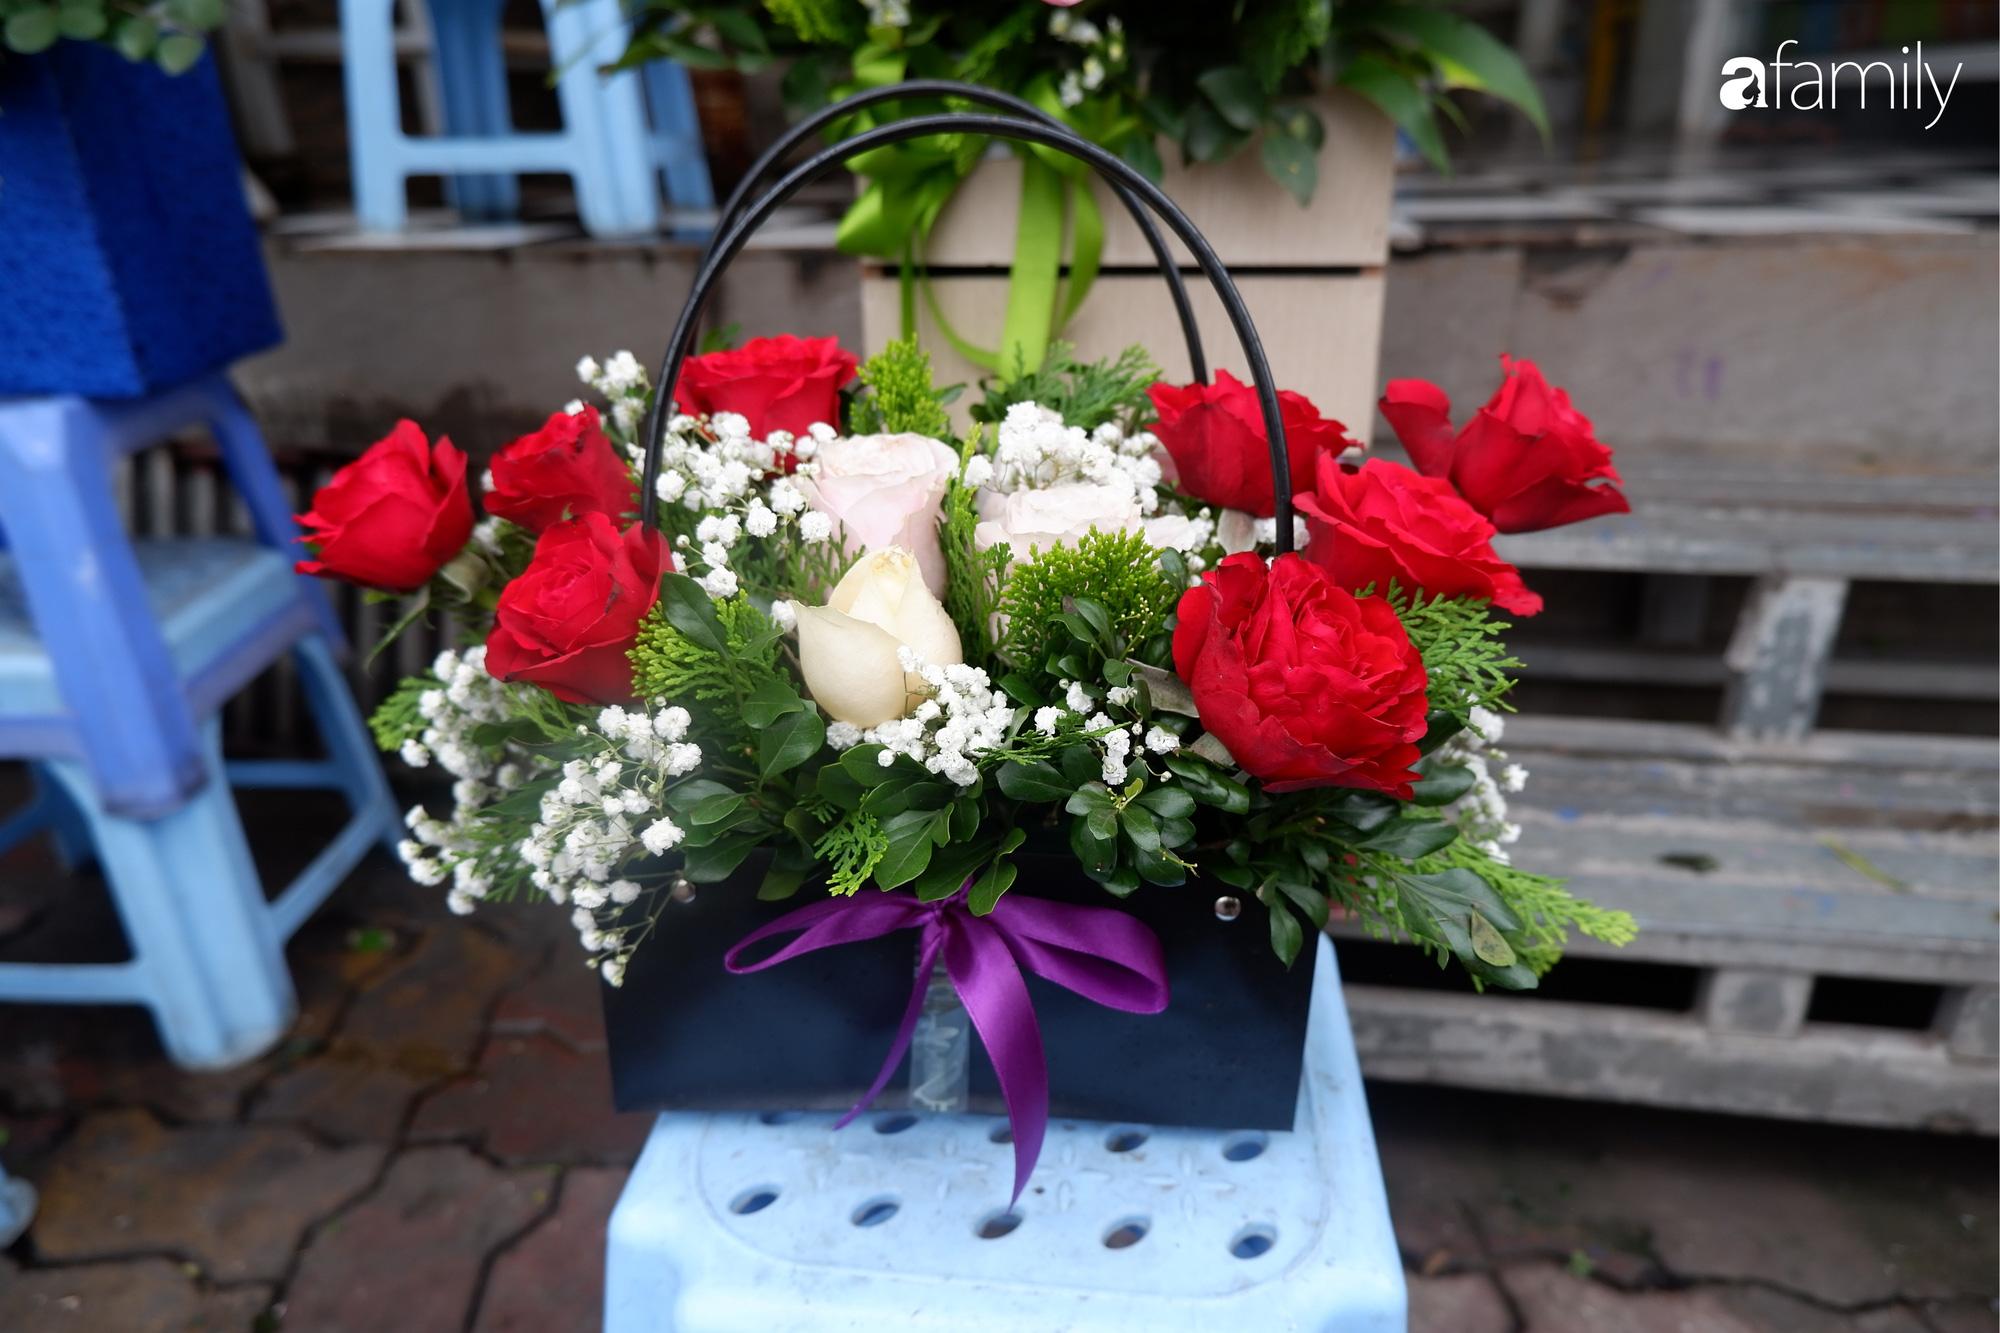 Ngày Lễ Tình Nhân: Các cửa hàng hoa đìu hiu khách, giá hoa tươi liên tục giảm vẫn không kích thích được người mua - Ảnh 5.